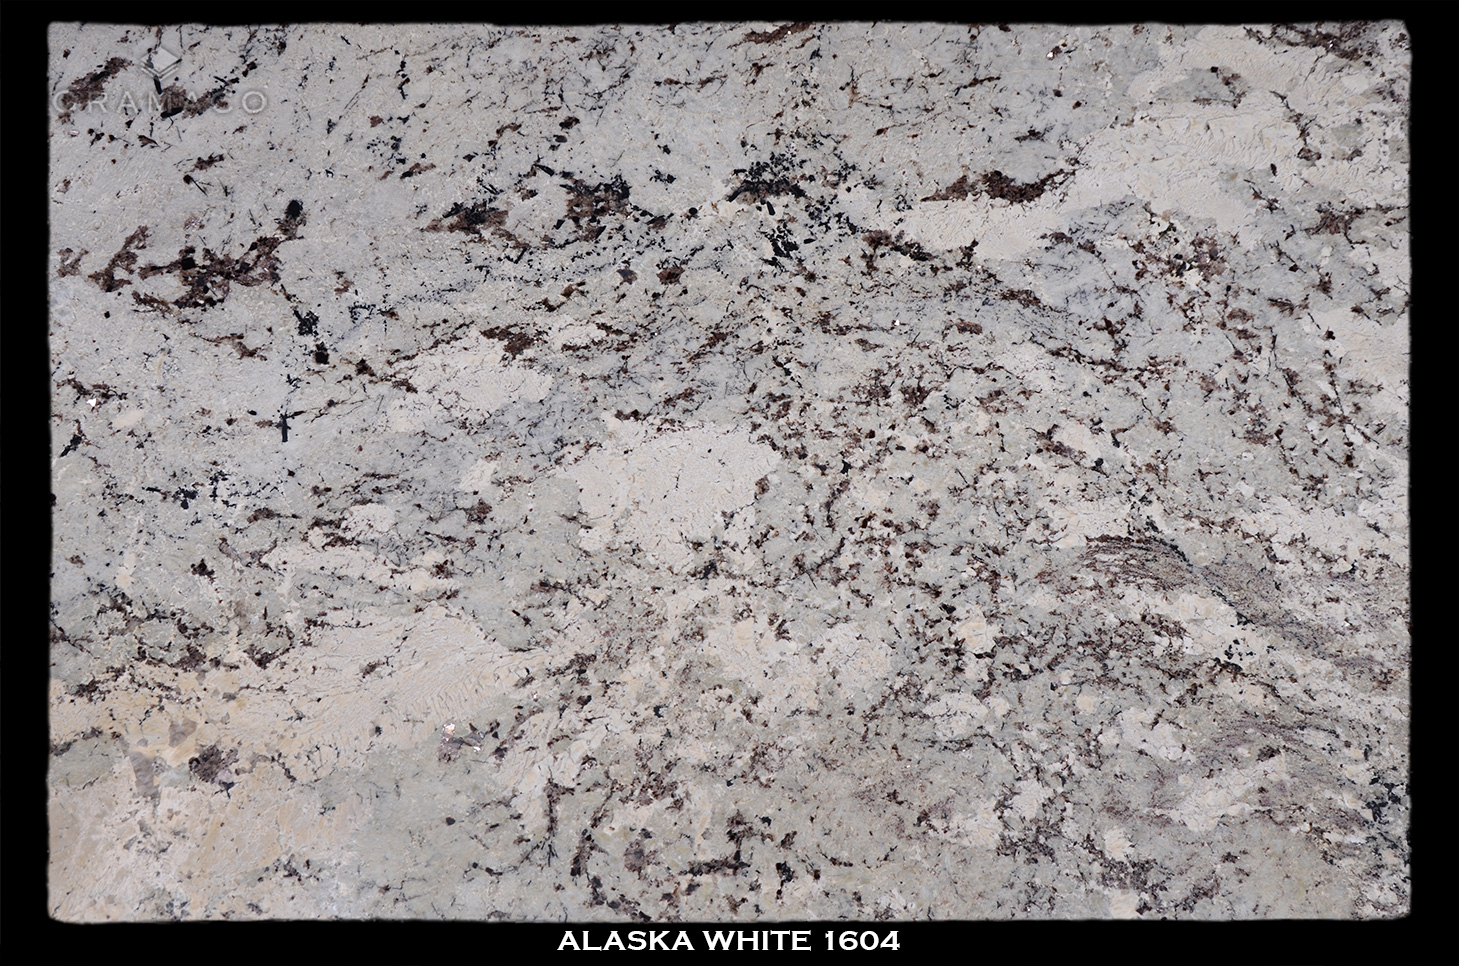 alaska-white-1604